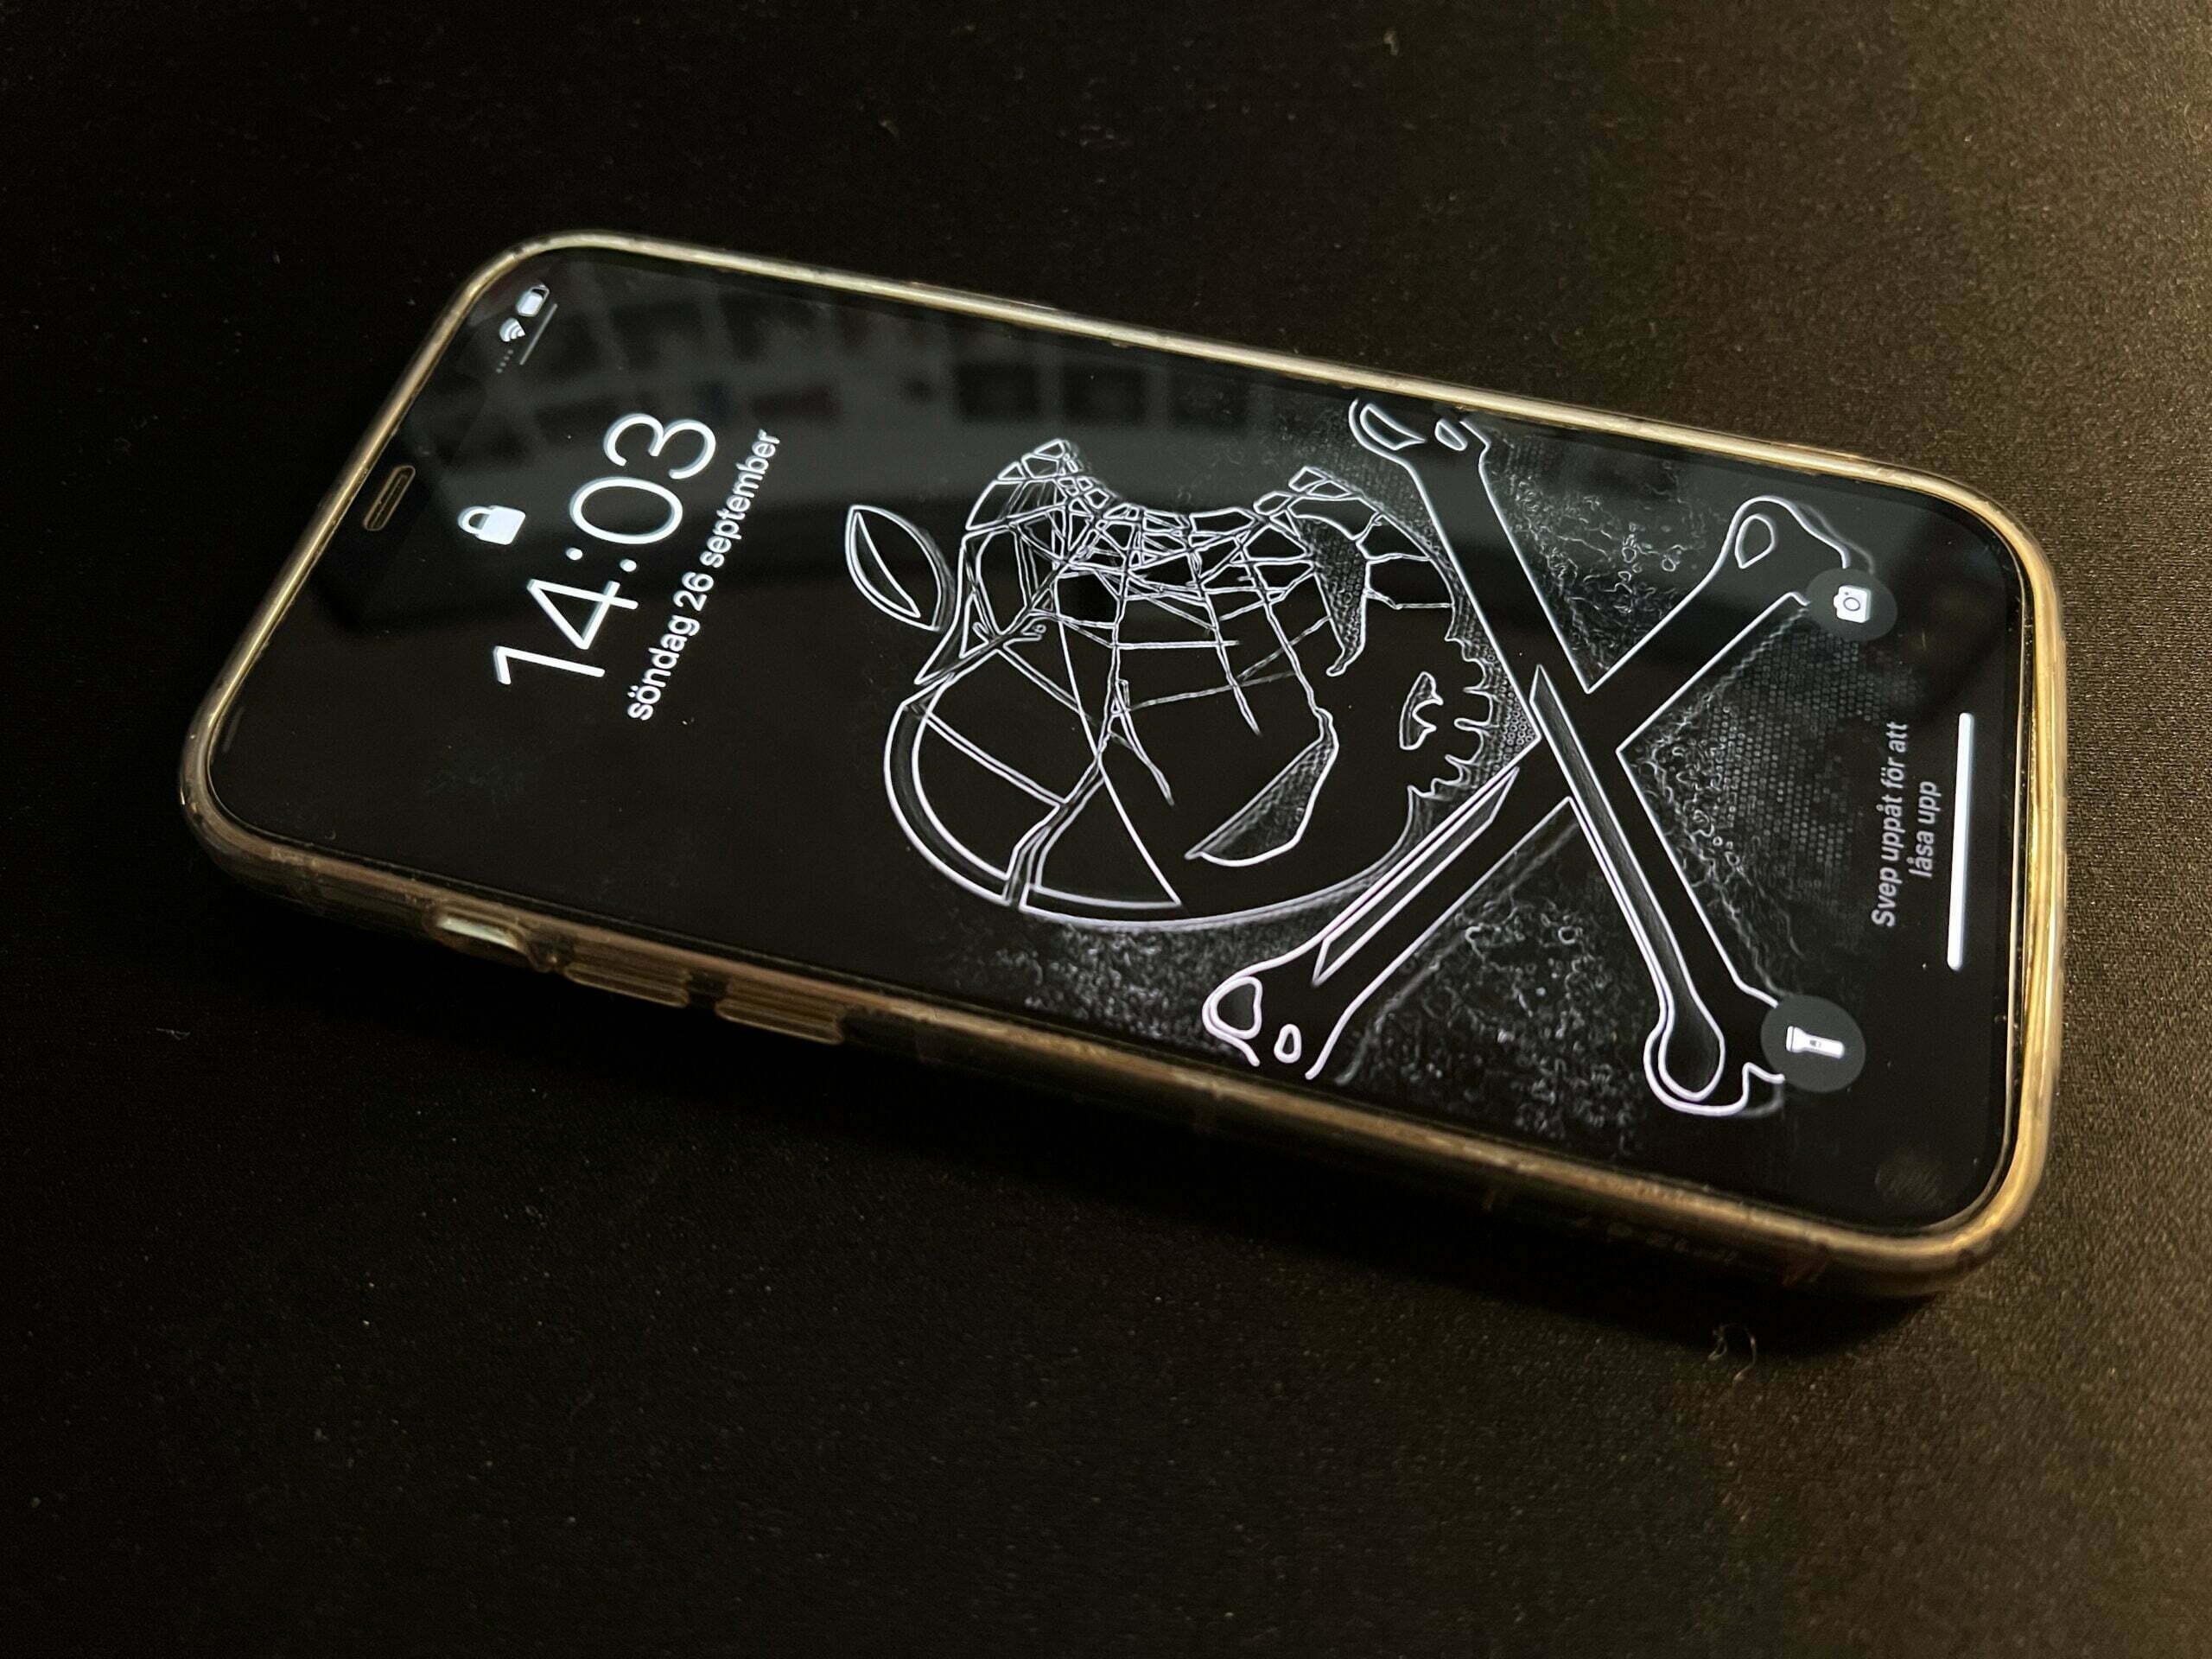 Läsarfråga: Kapacitet/storlek På iPhone?